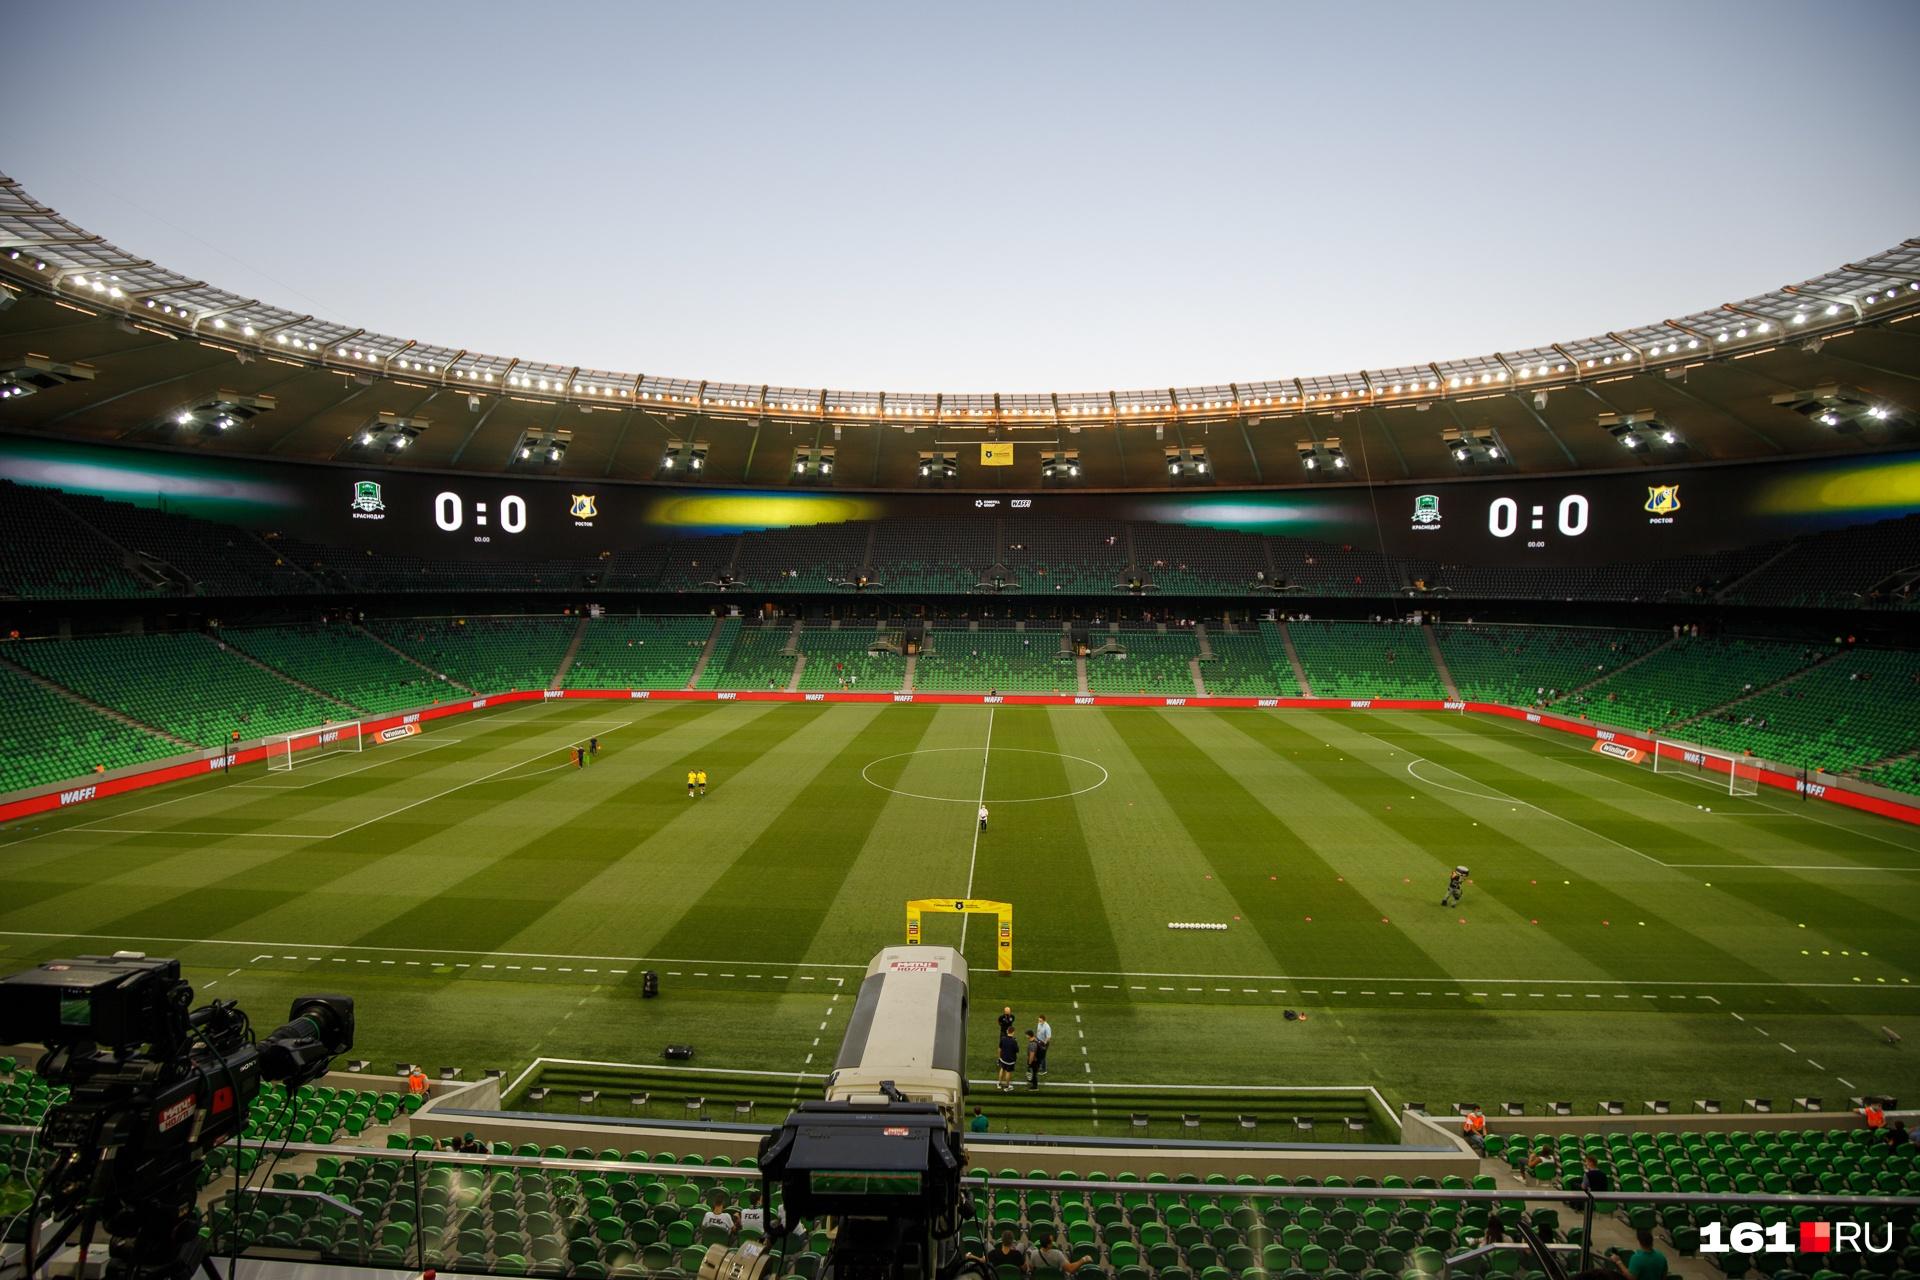 Вот так стадион выглядит внутри